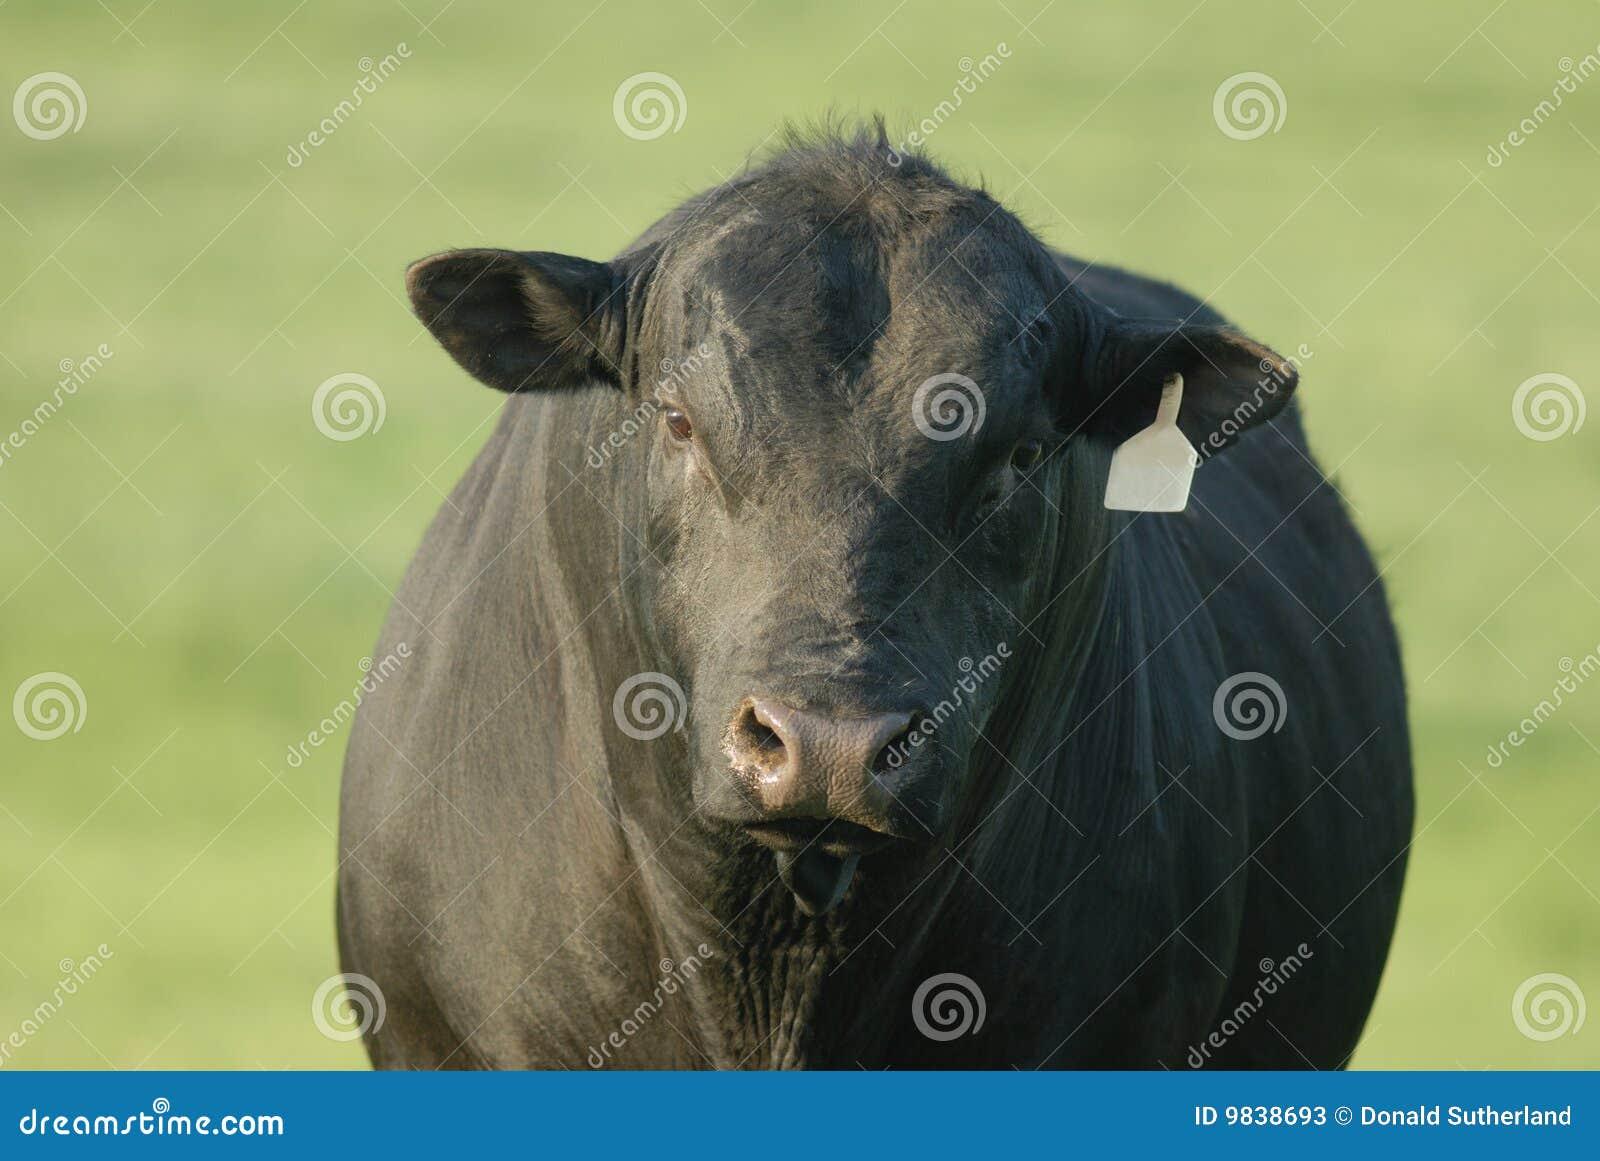 Angus svart tjur